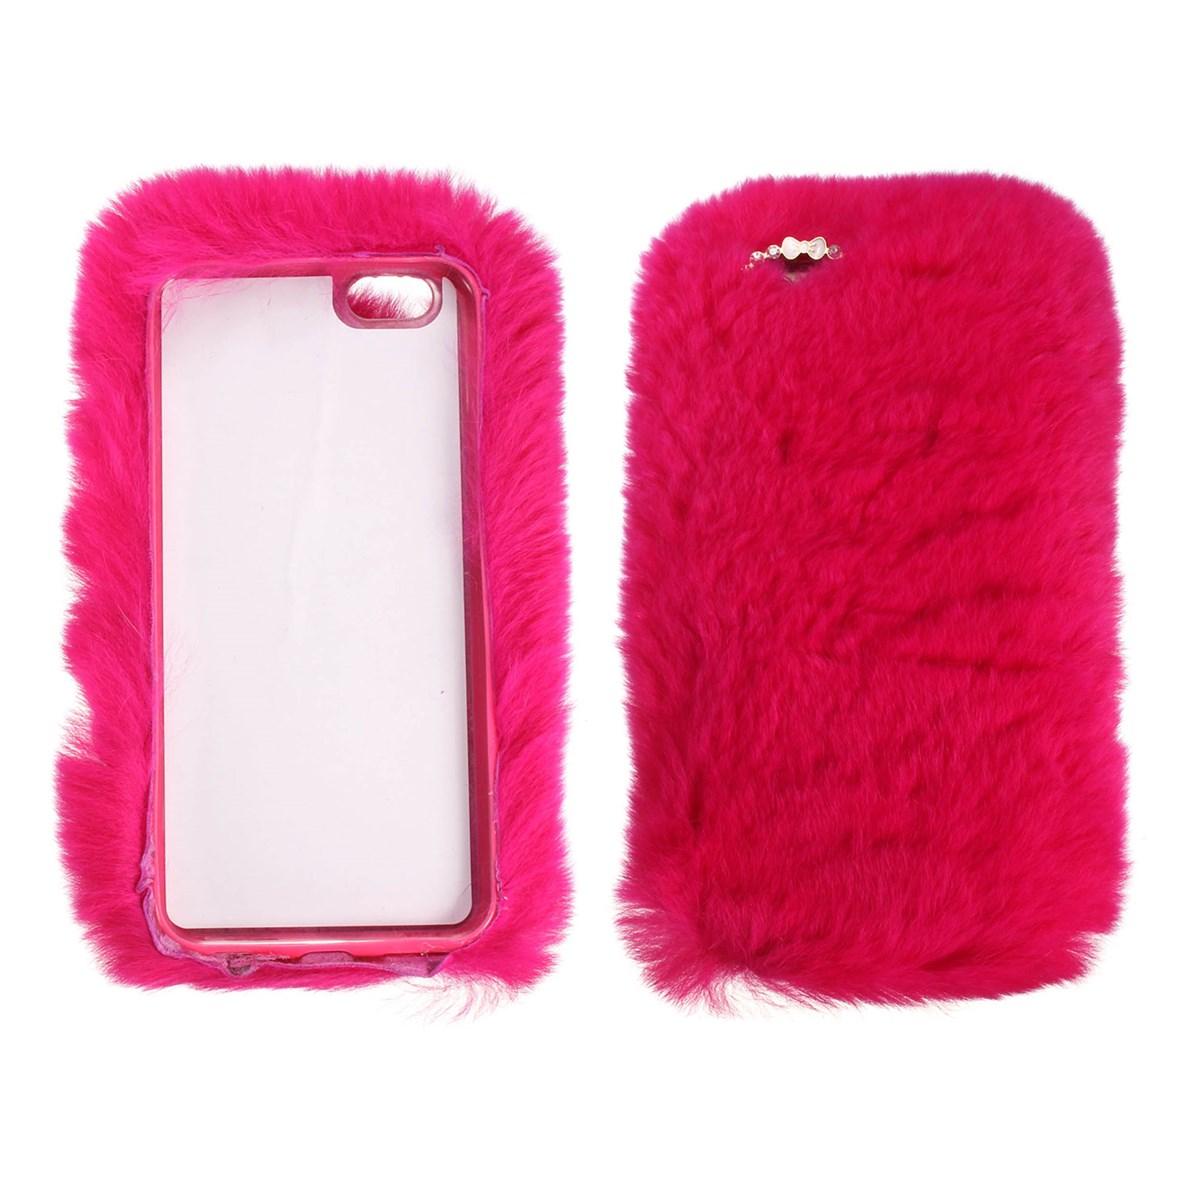 New Fluffy Villi Fur Plush Wool Bling Case Cover Skin For ...